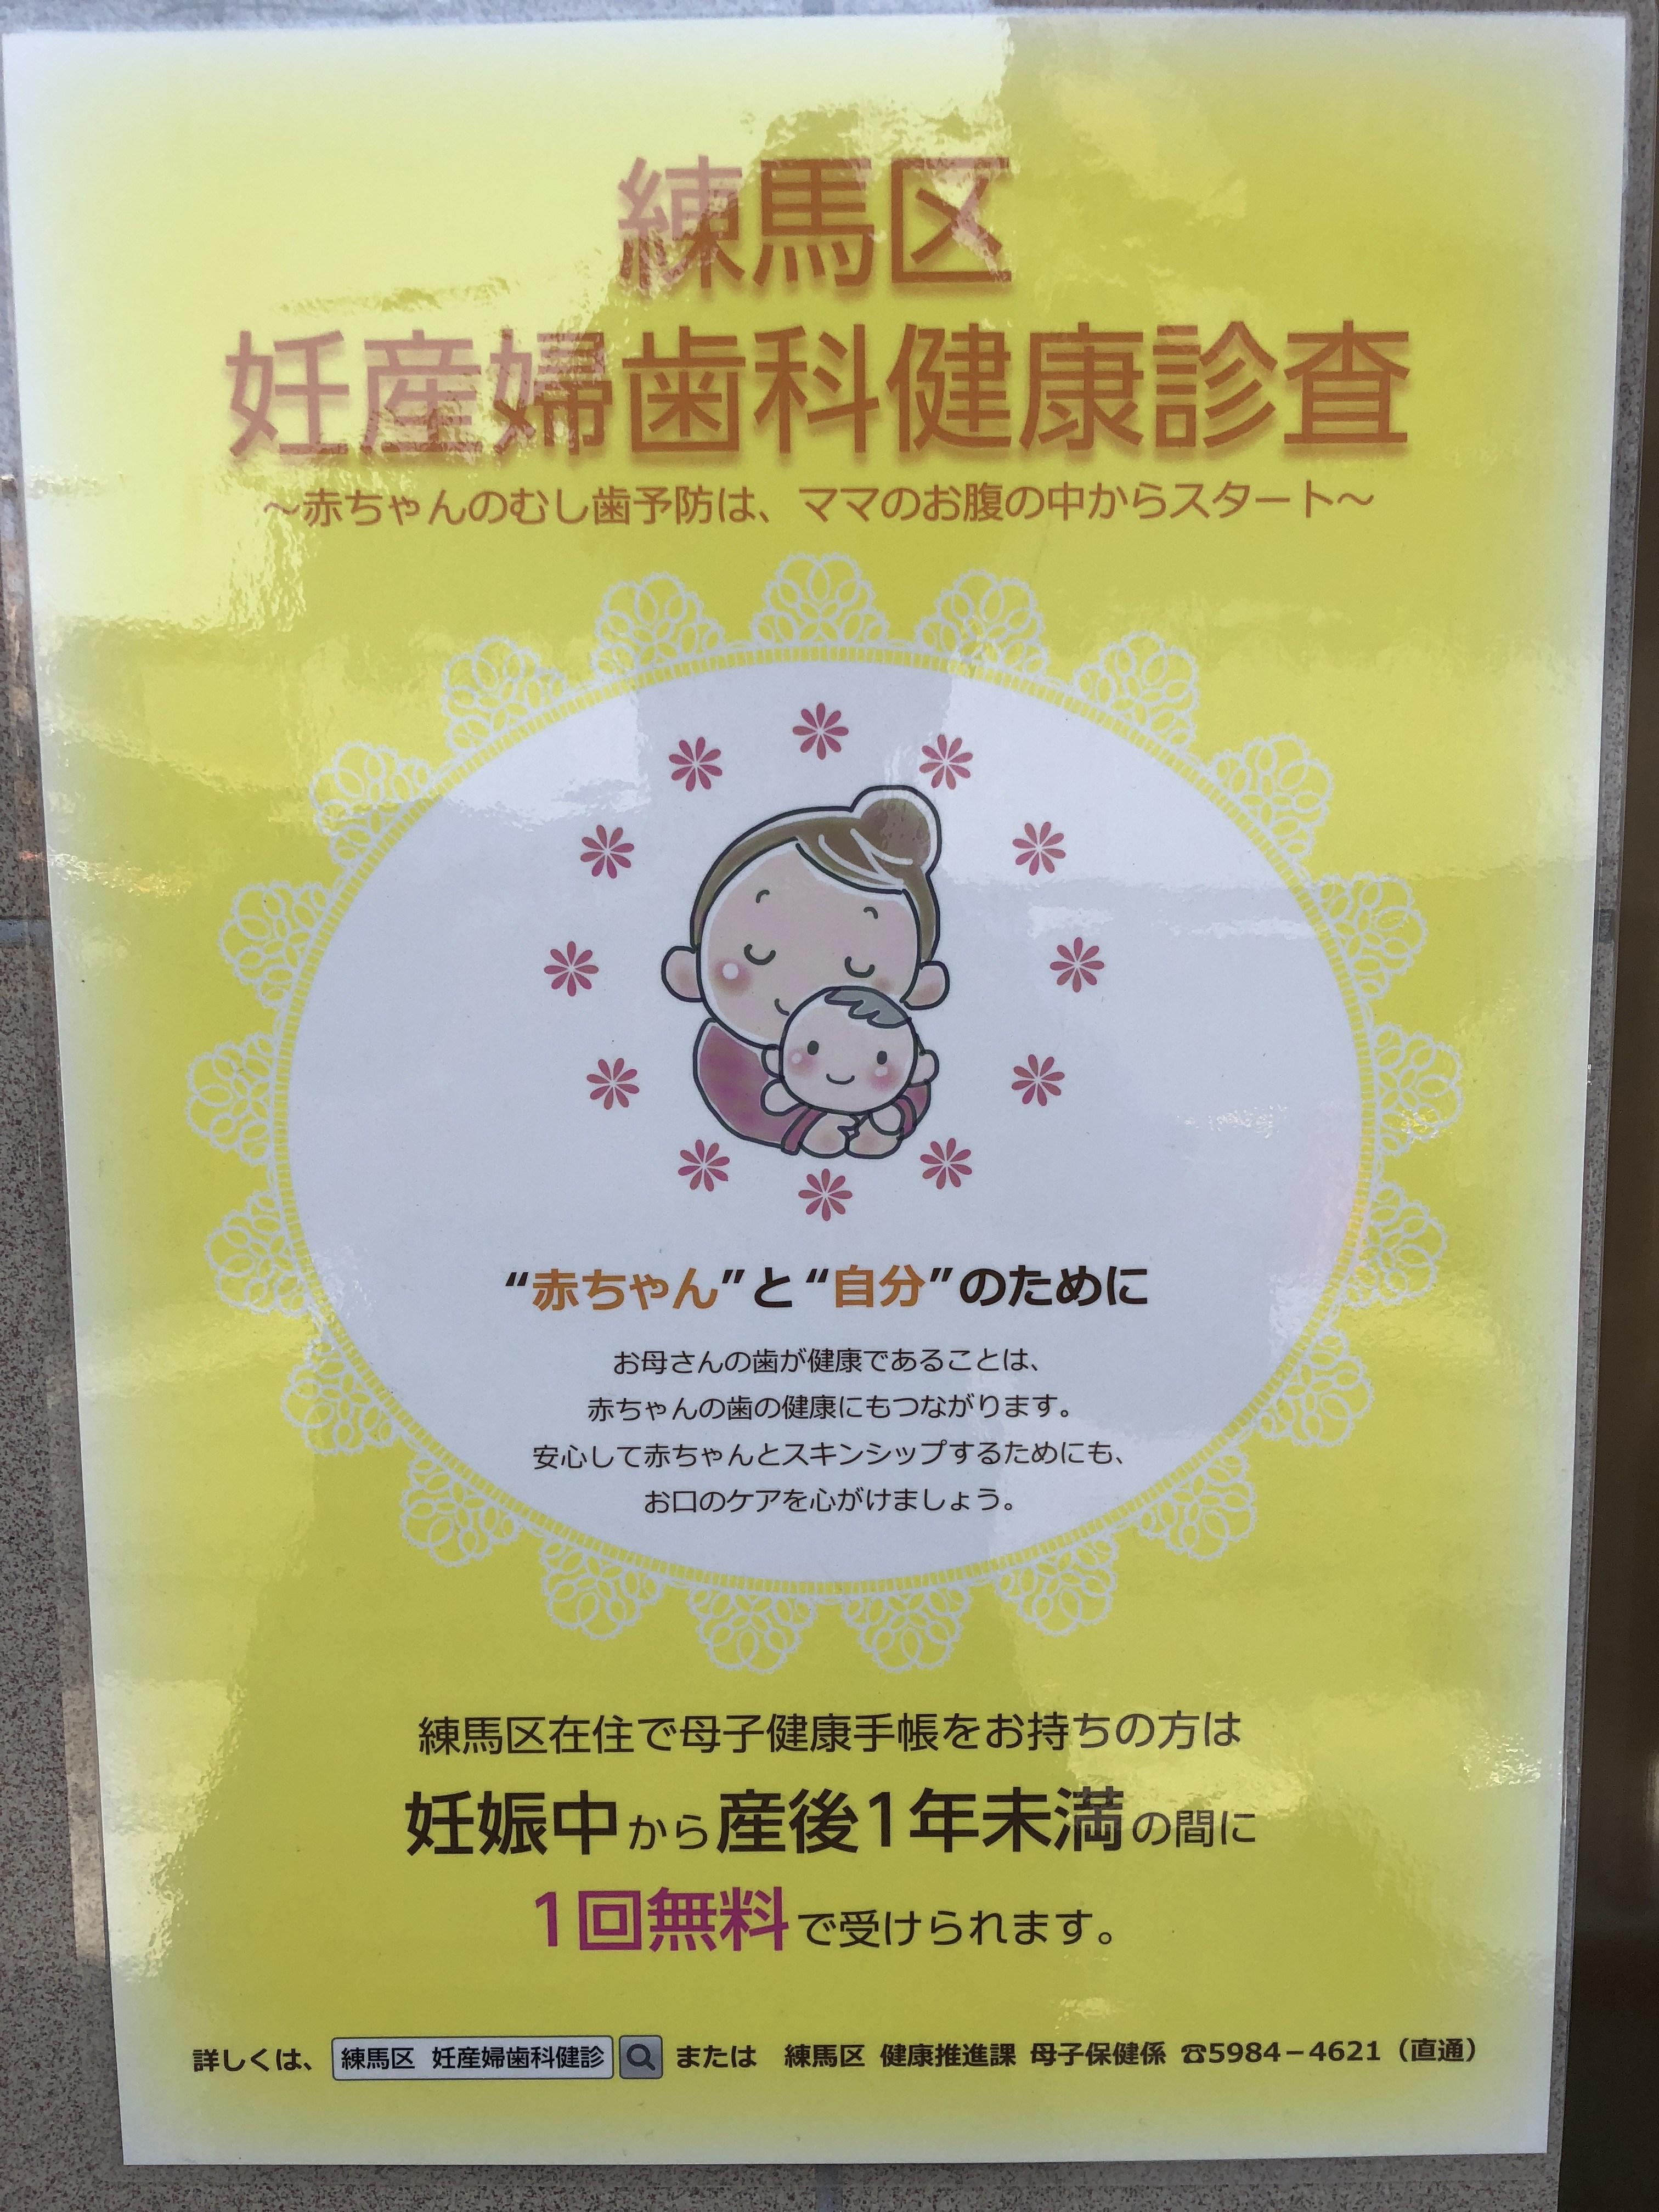 練馬区妊産婦歯科検診